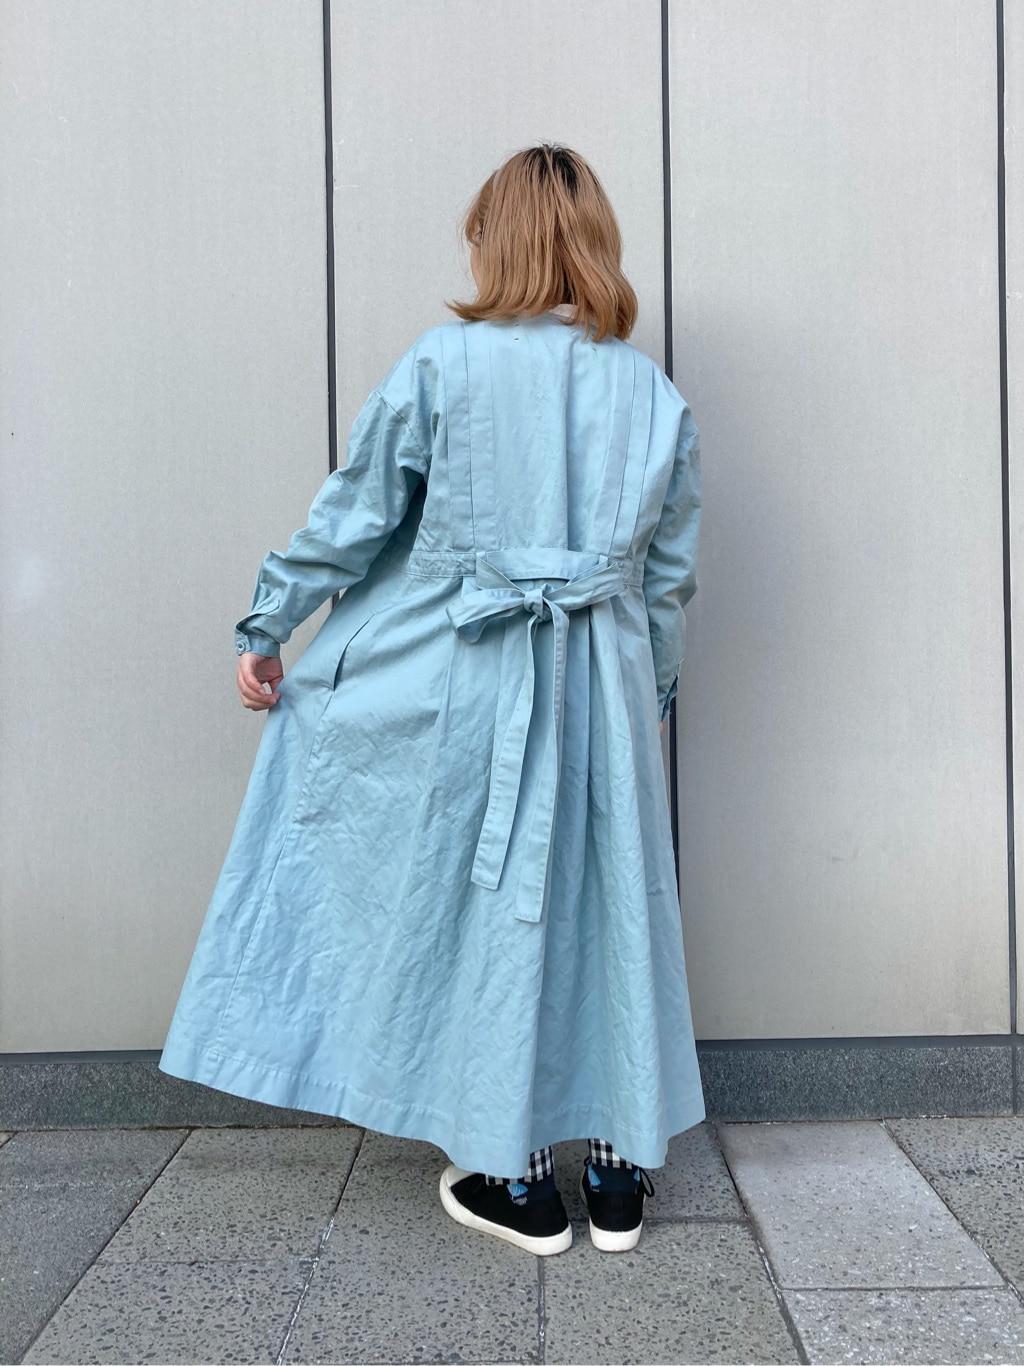 l'atelier du savon 東京スカイツリータウン・ソラマチ 身長:154cm 2021.01.18